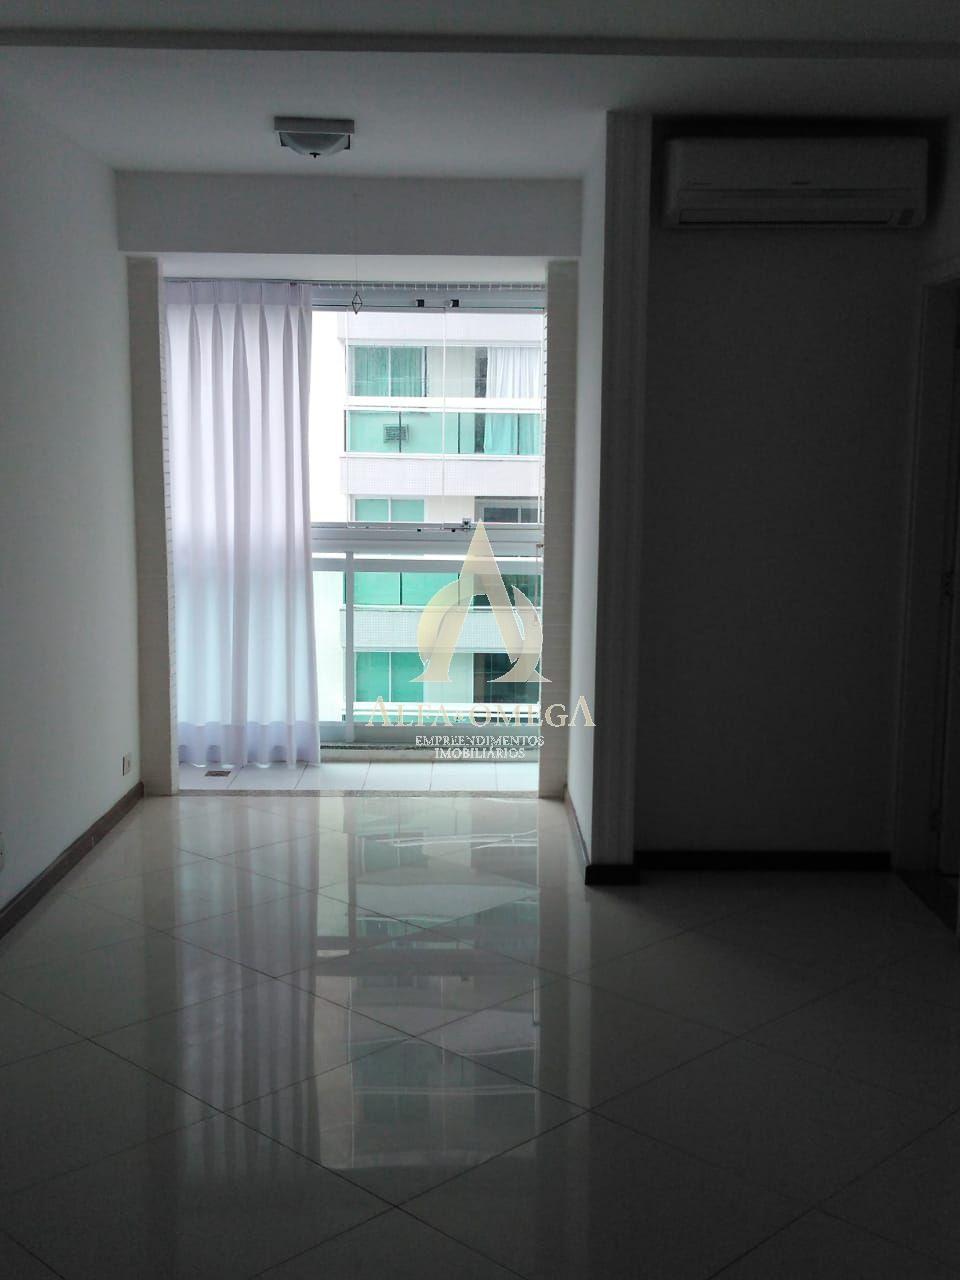 FOTO 1 - Apartamento Barra da Tijuca,Rio de Janeiro,RJ À Venda,2 Quartos,75m² - AO20380 - 1